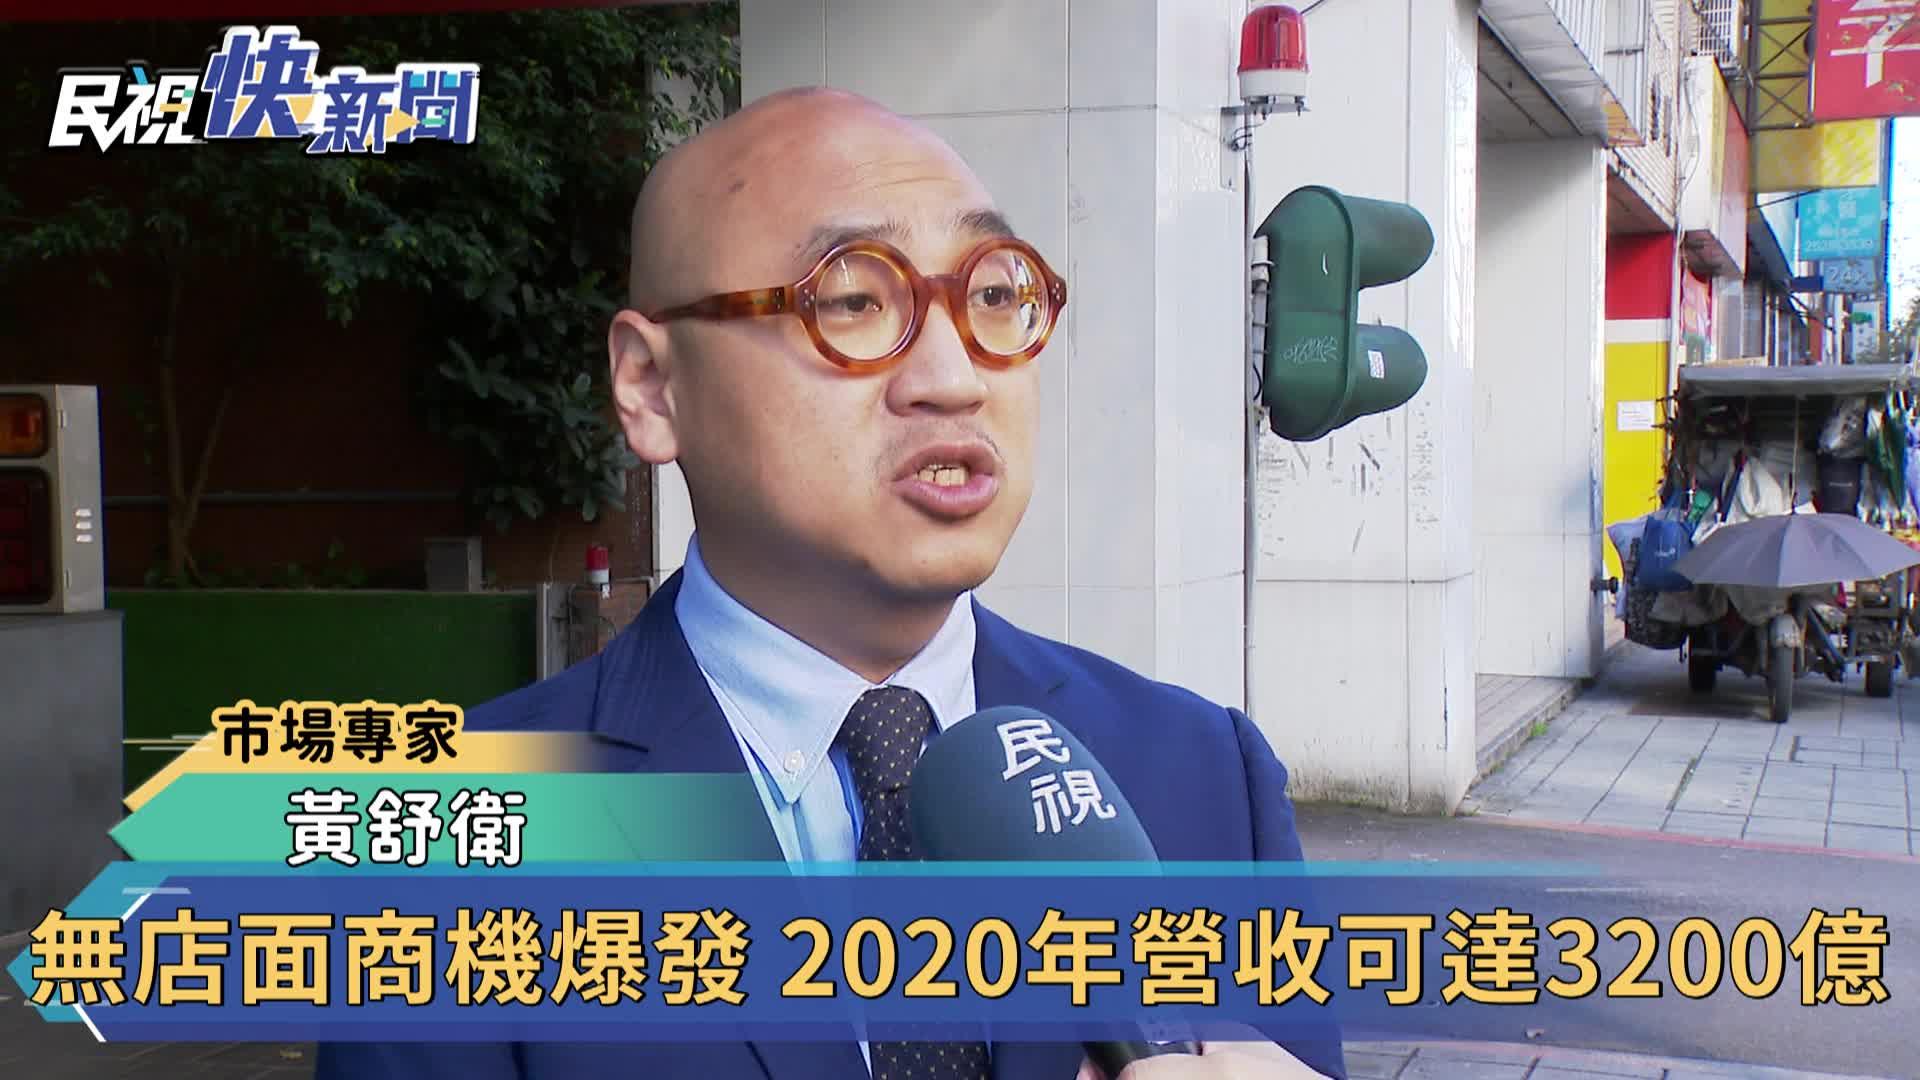 無店面商機爆發 2020年營收可達3200億